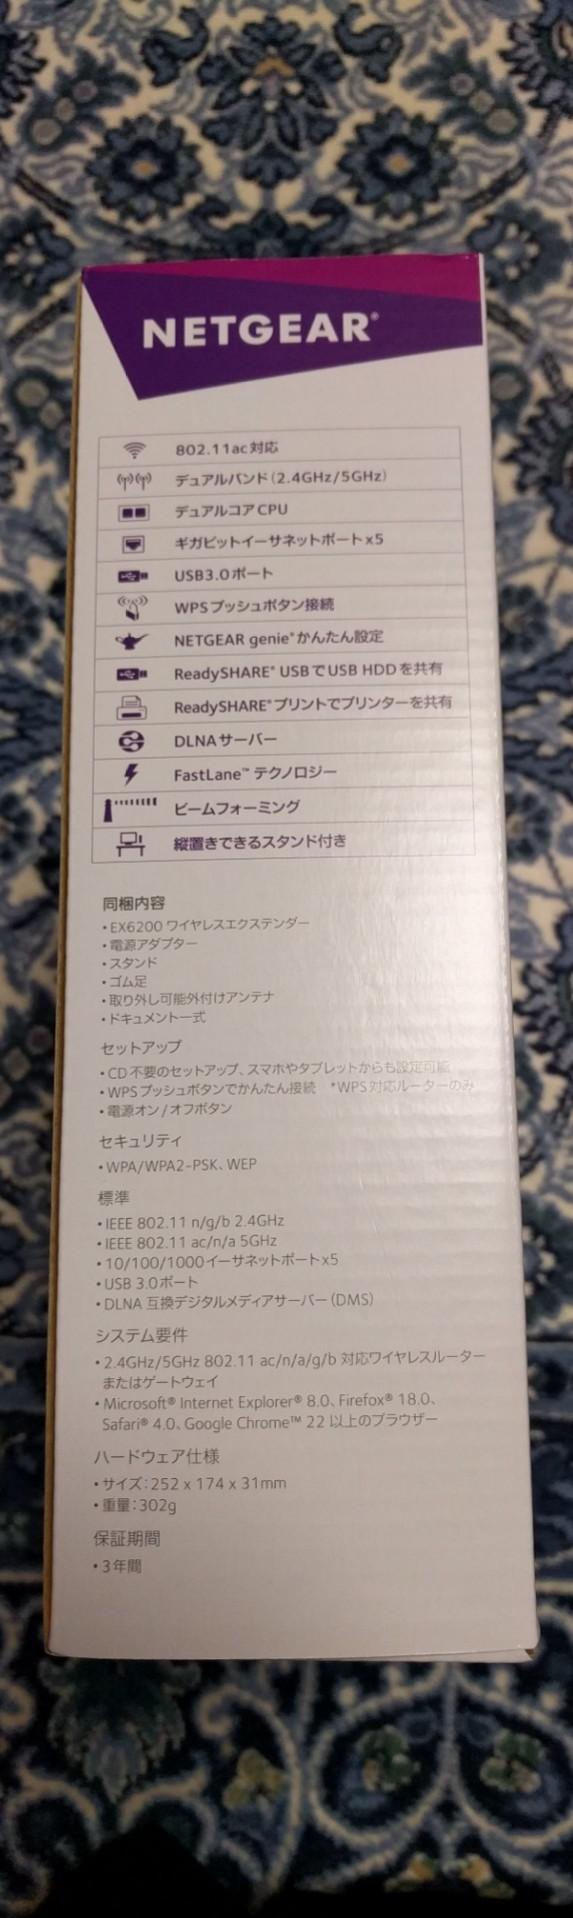 EX6200 パッケージ 側面